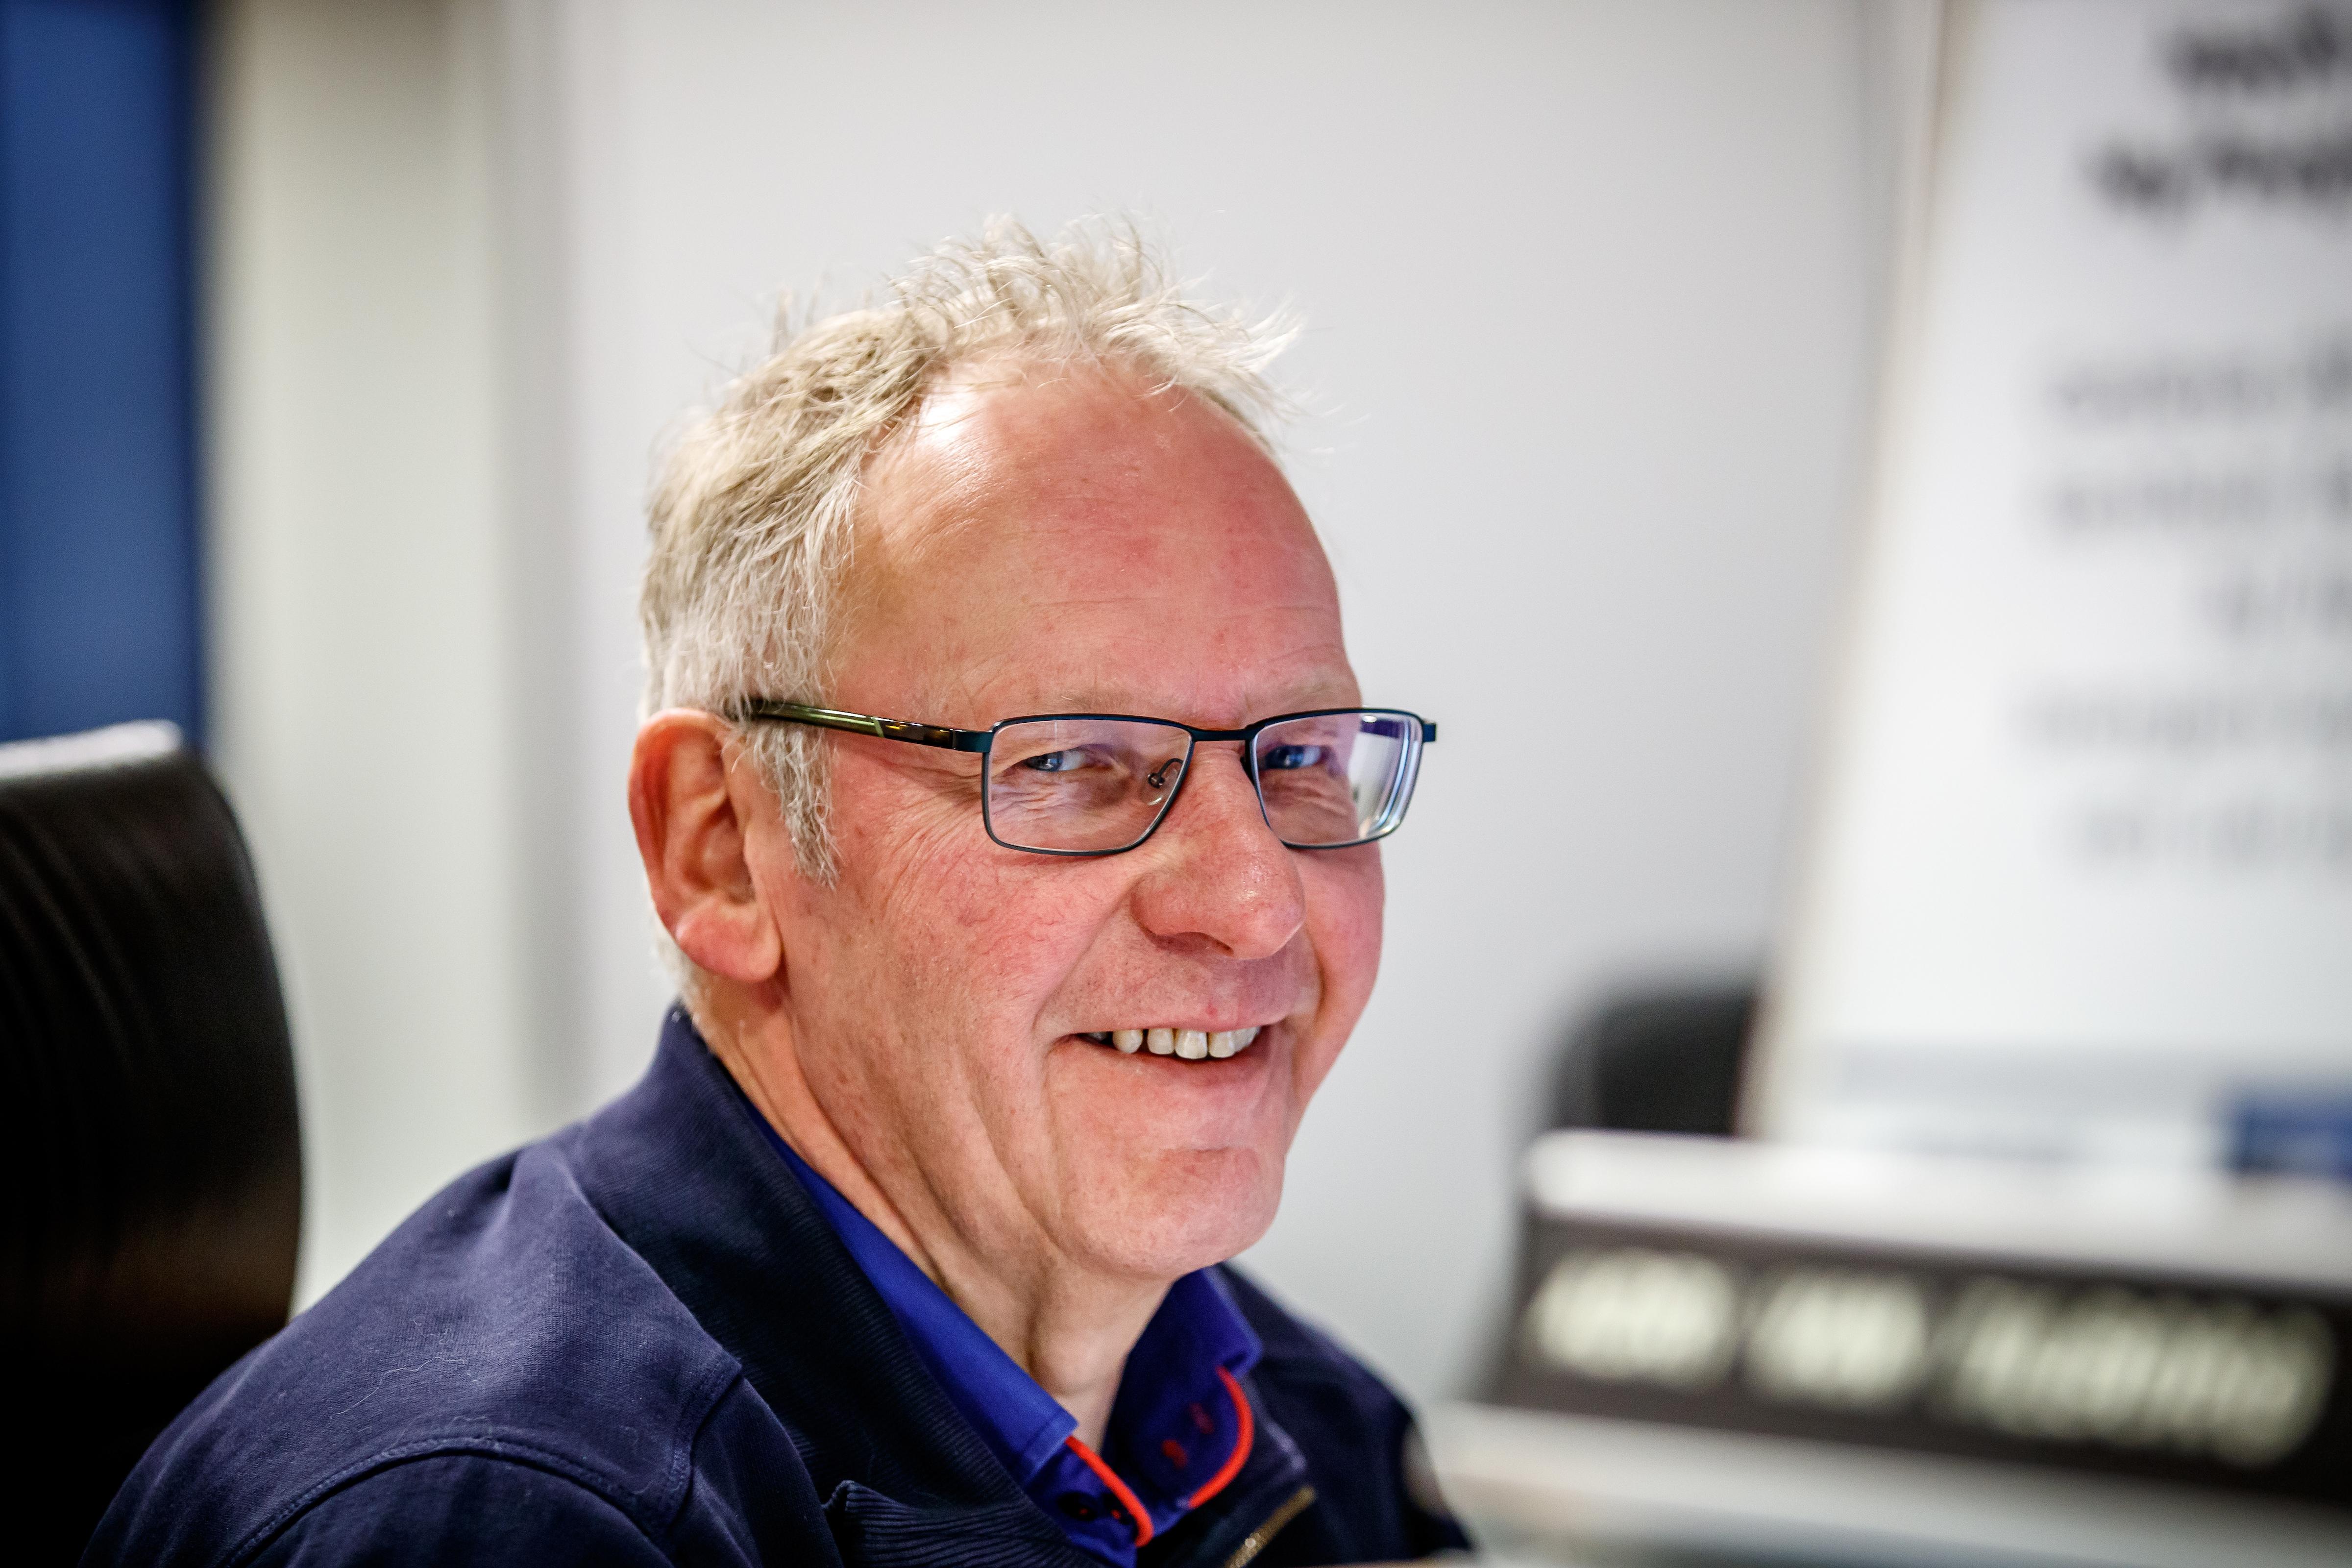 Autobedrijf van tilborg zaltbommel openingstijden for Autobedrijf avan